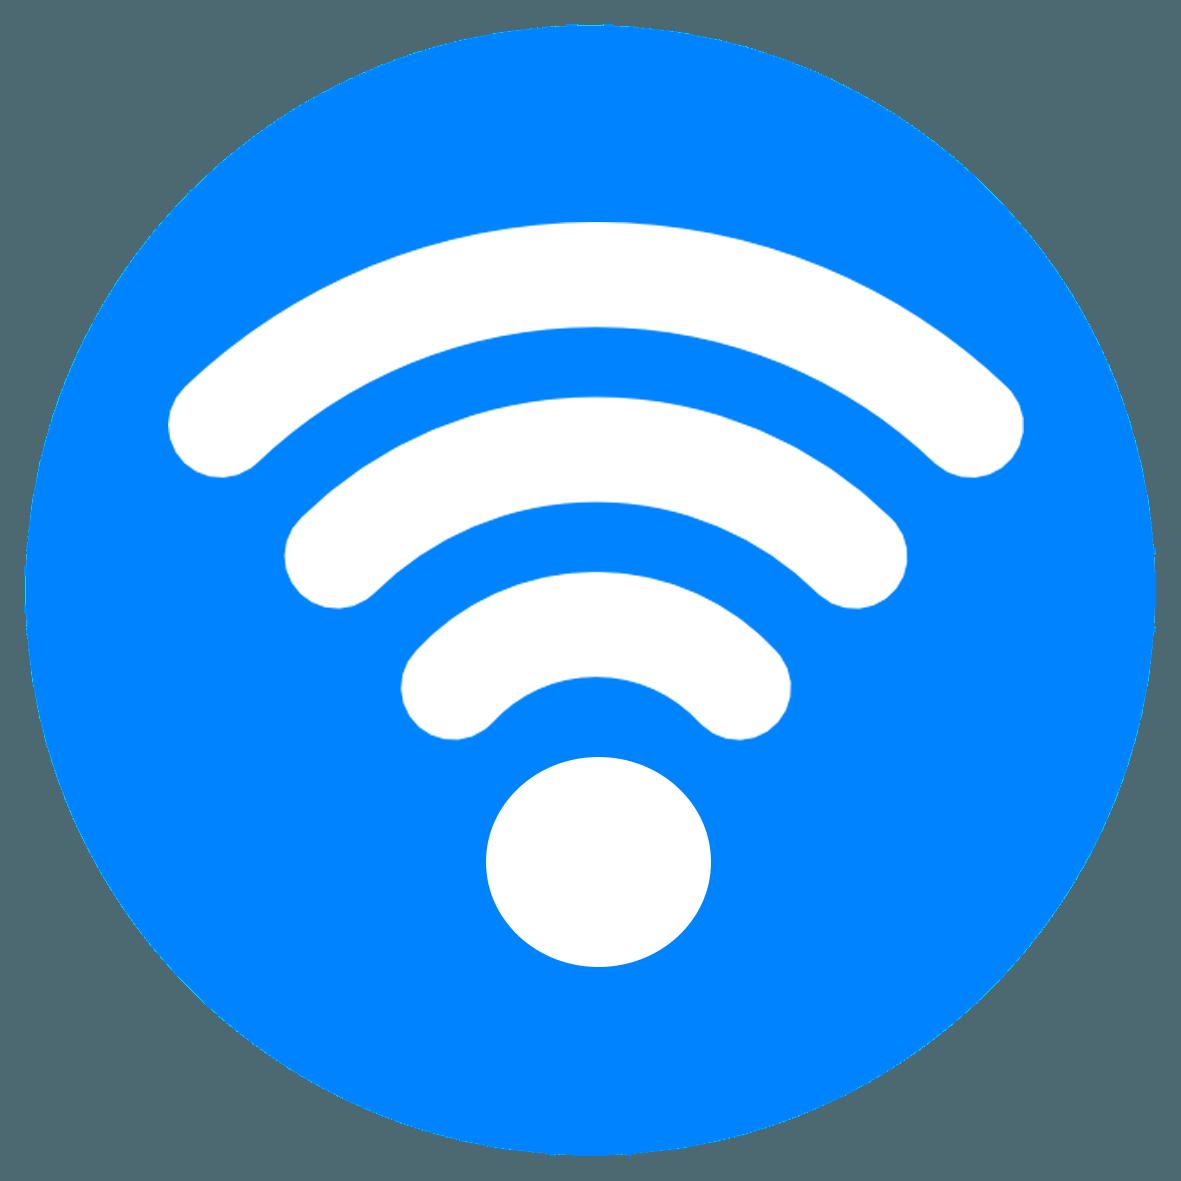 Come craccare password WiFi | Salvatore Aranzulla